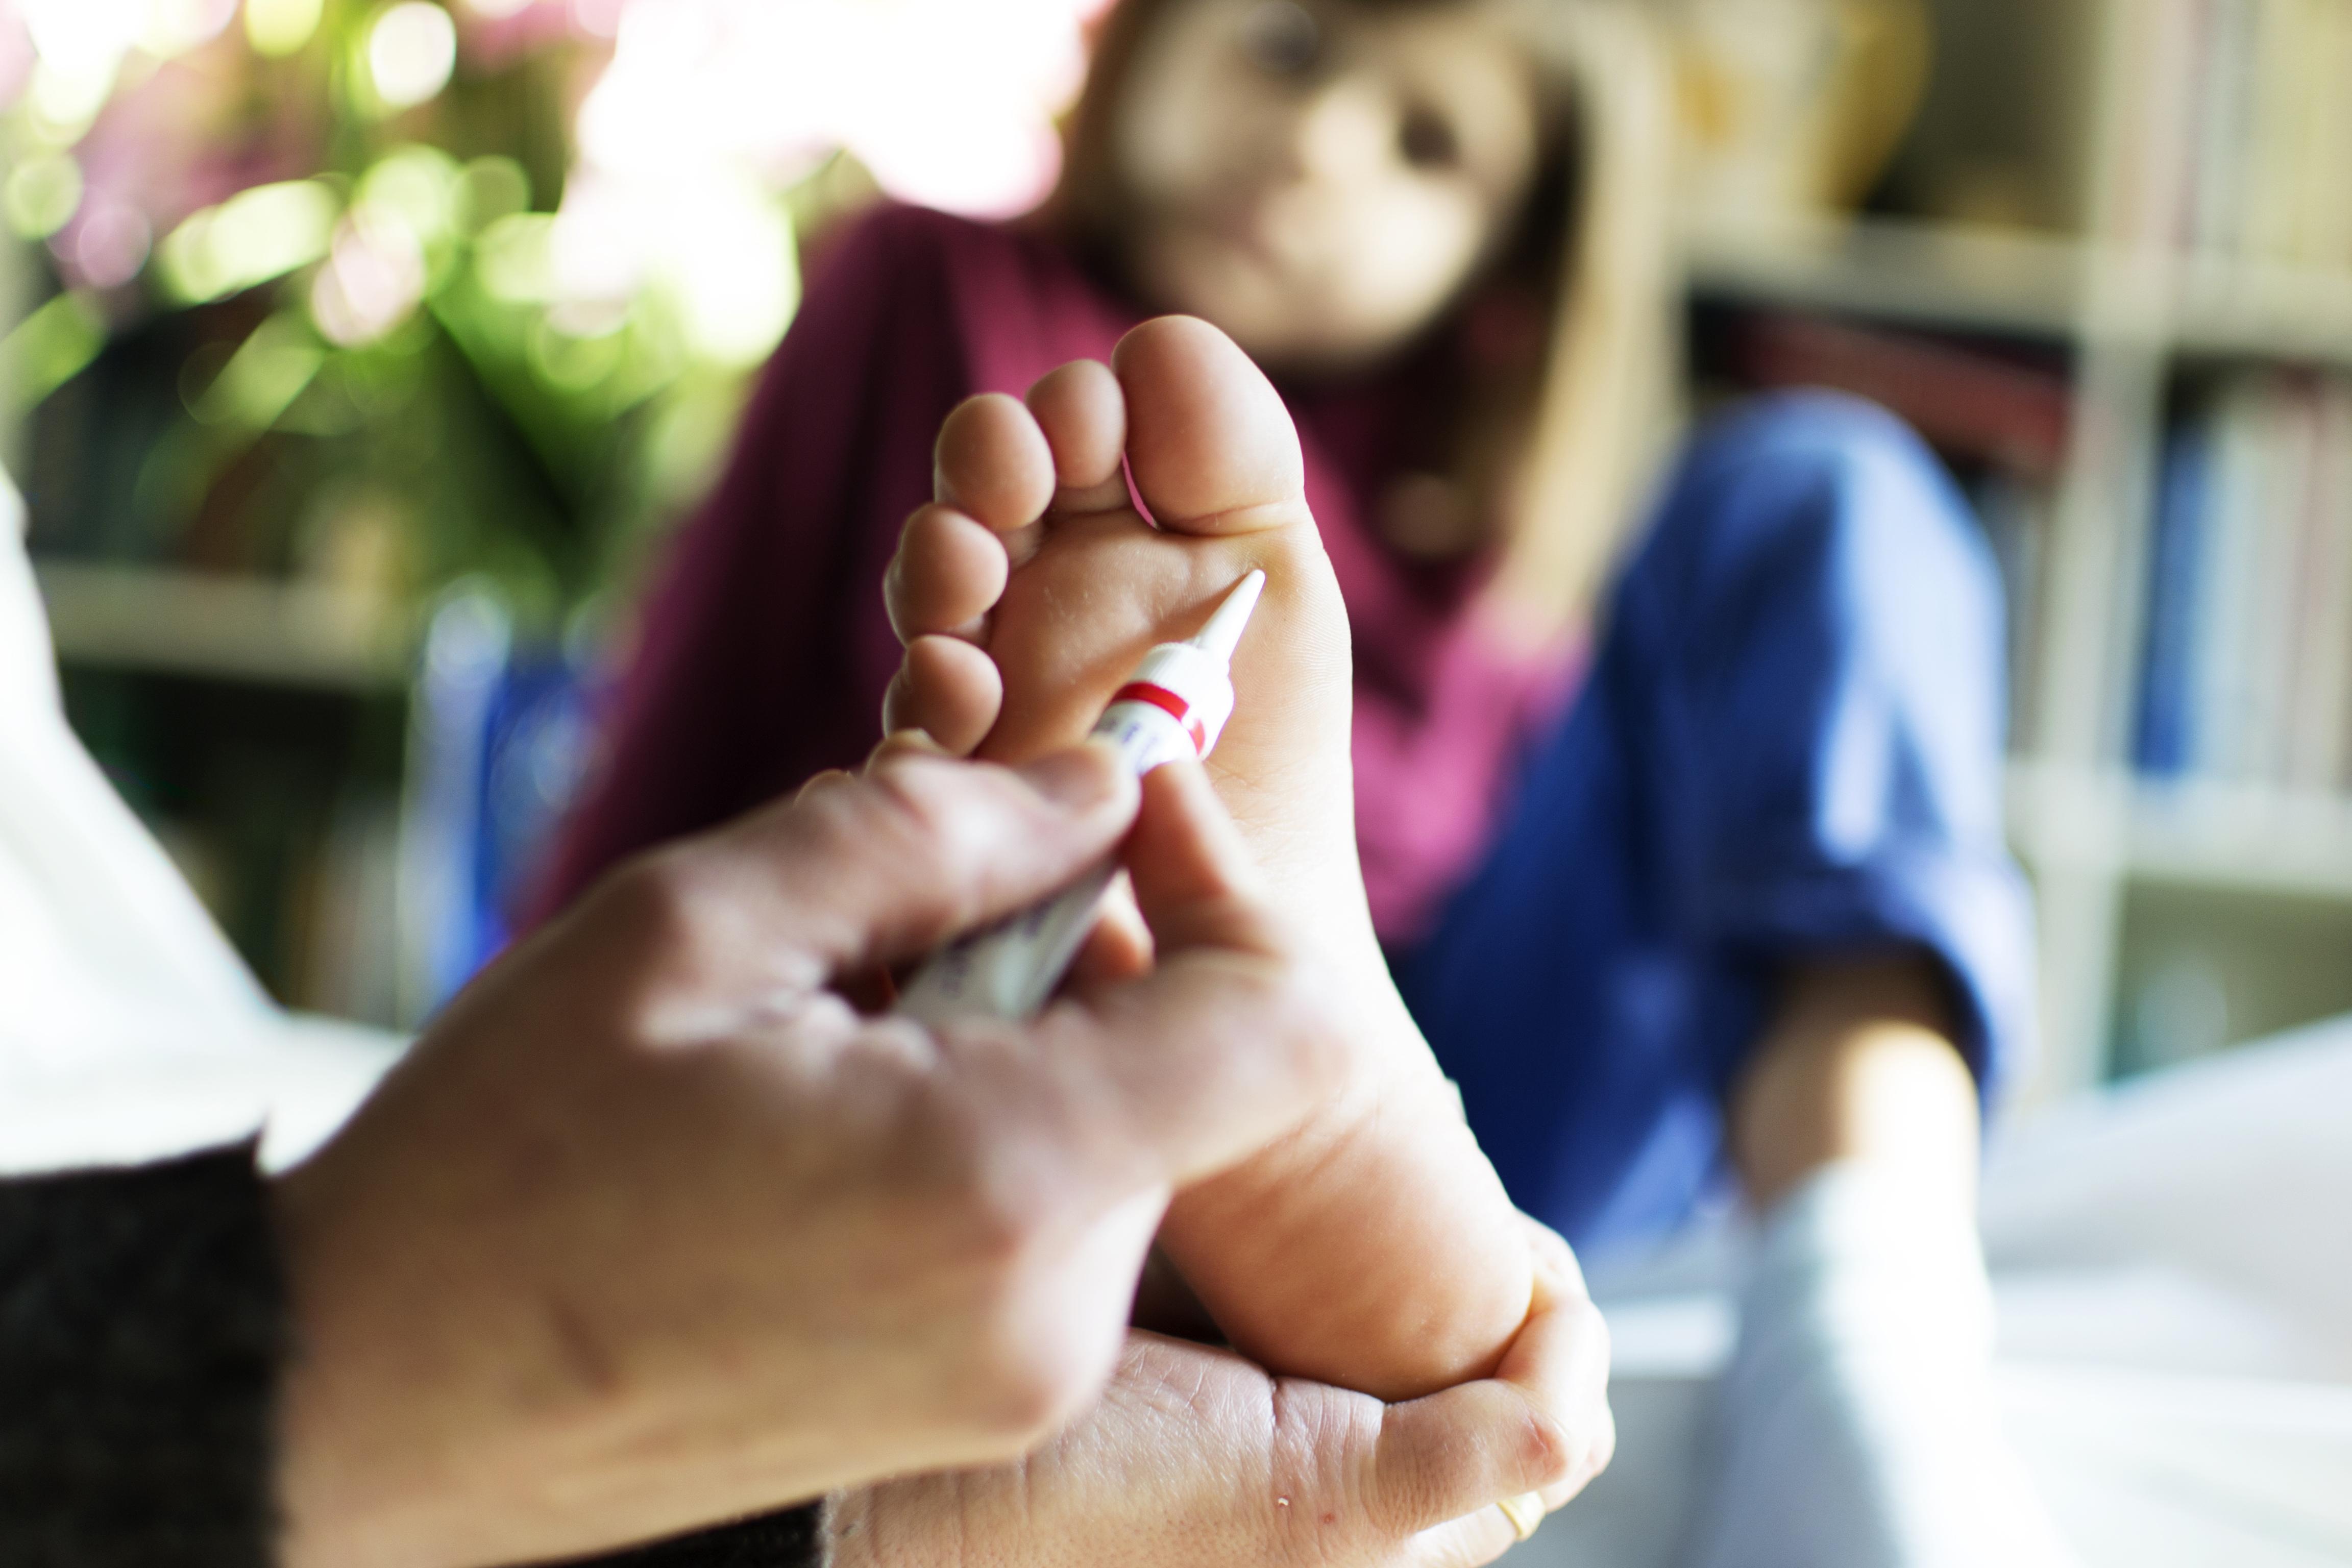 Szemölcs: így kezelje, és gyorsabban elmúlik - EgészségKalauz